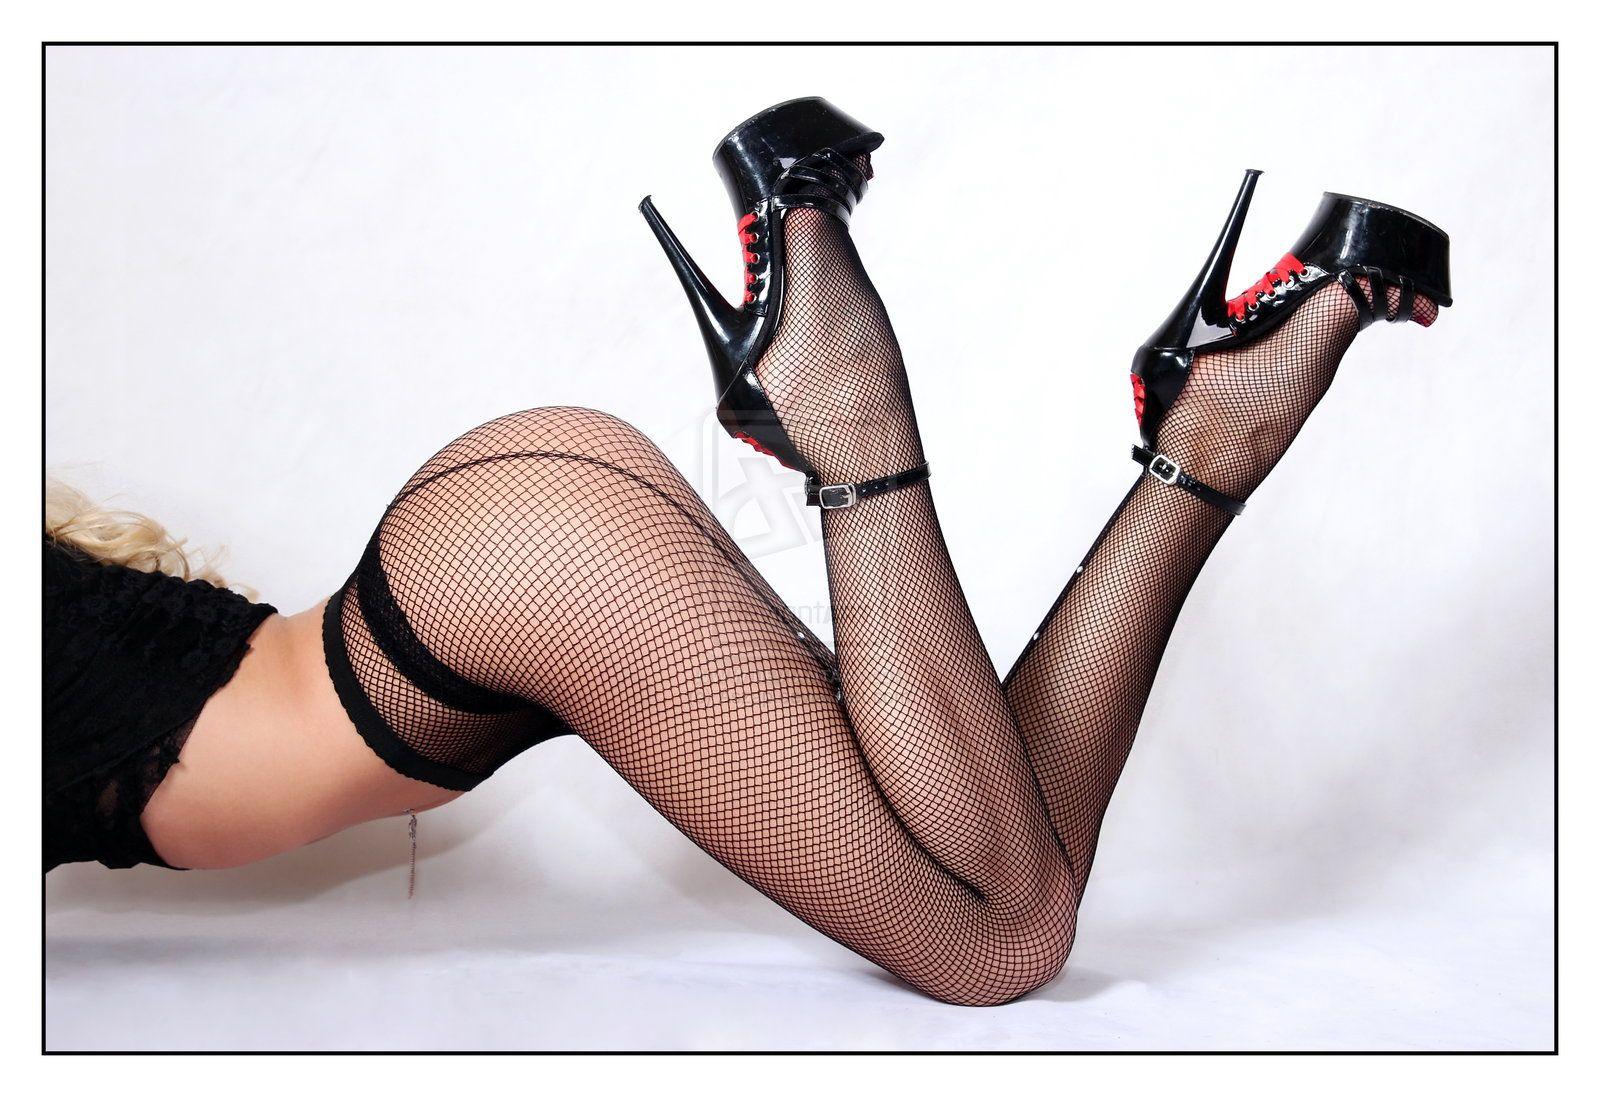 нашем порно сексуальные фото женские ноги на каблуках в чулках использования